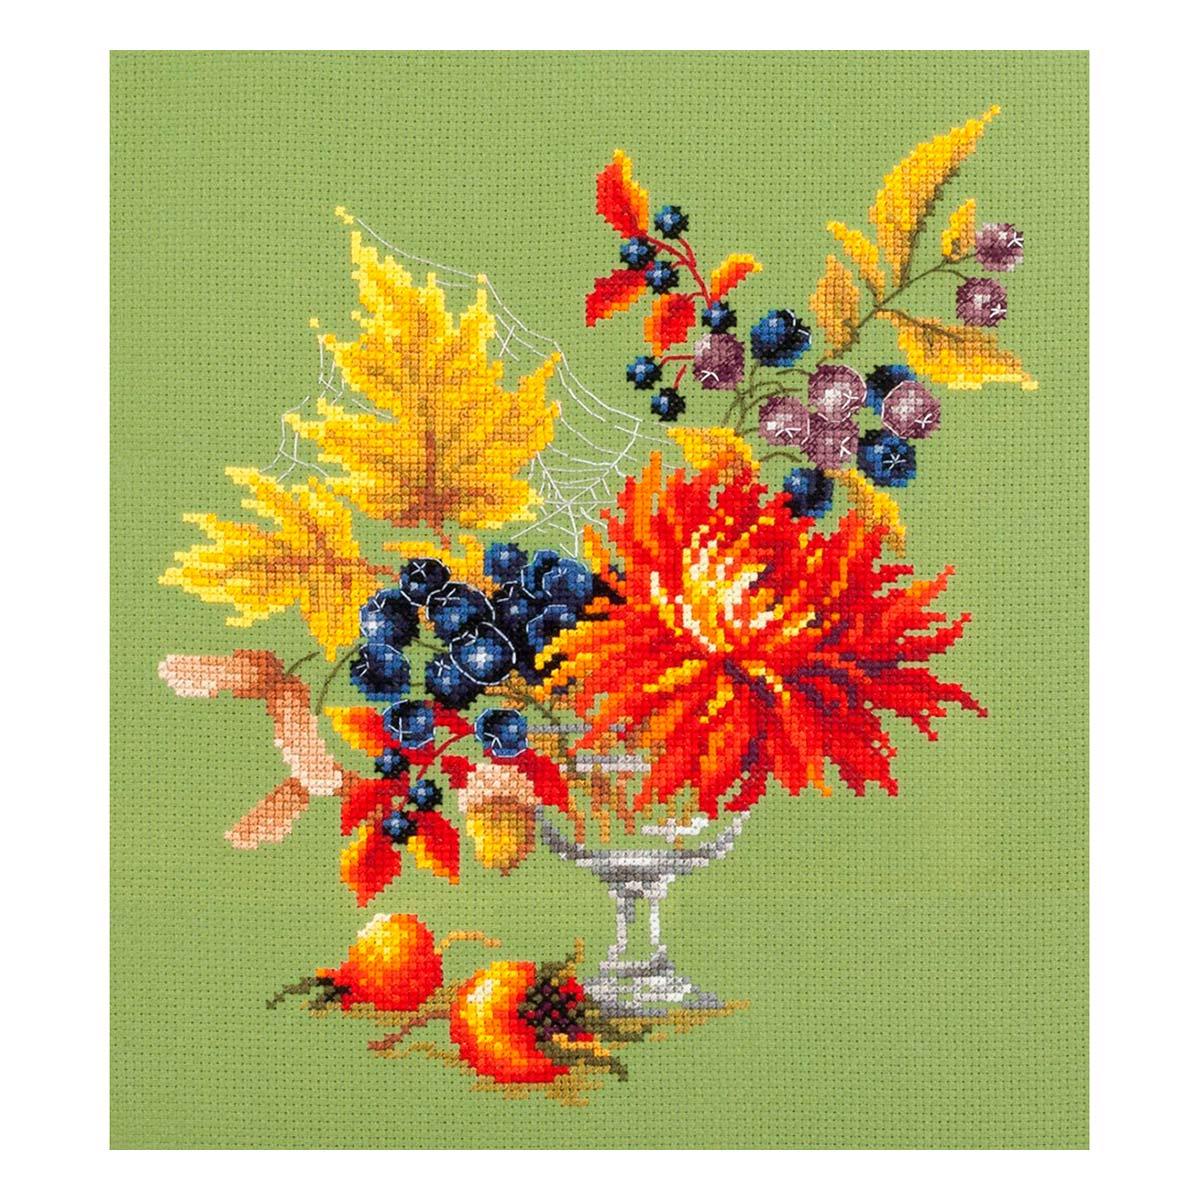 100-005 Набор для вышивания Чудесная игла 'Осенний букетик' 20 х 23см